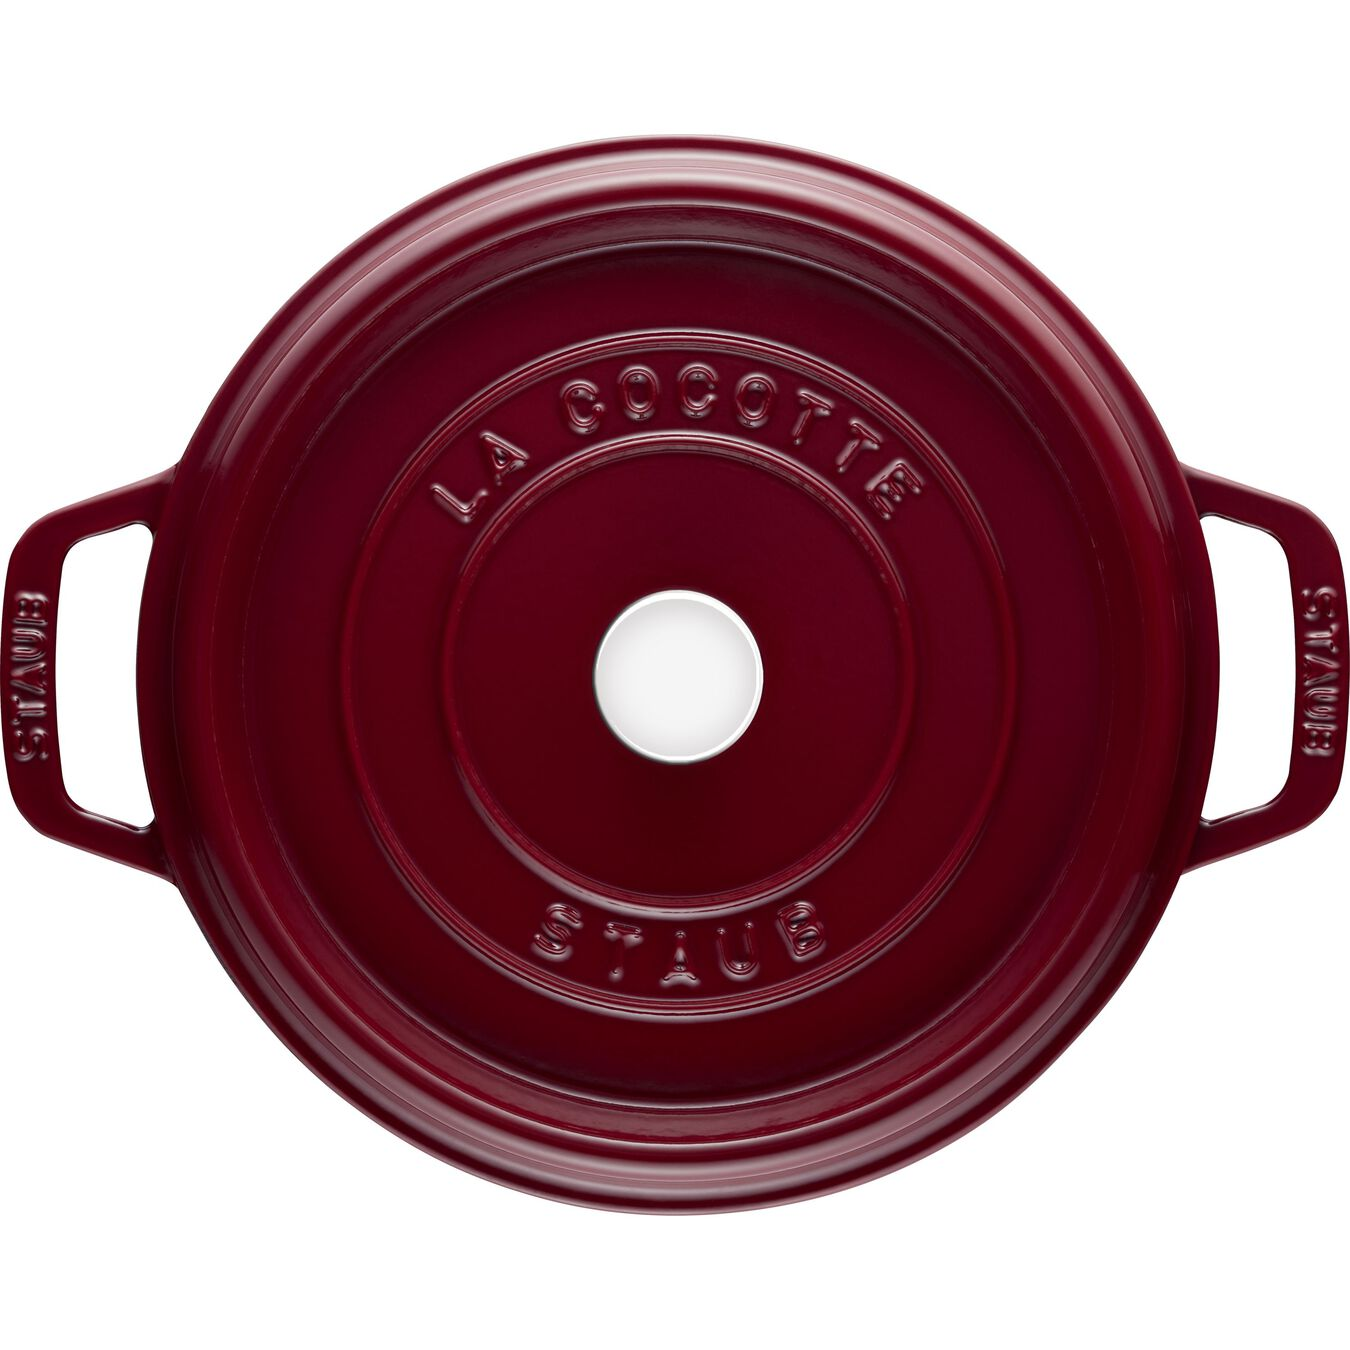 3.75 l Cast iron round Cocotte, Bordeaux - Visual Imperfections,,large 3